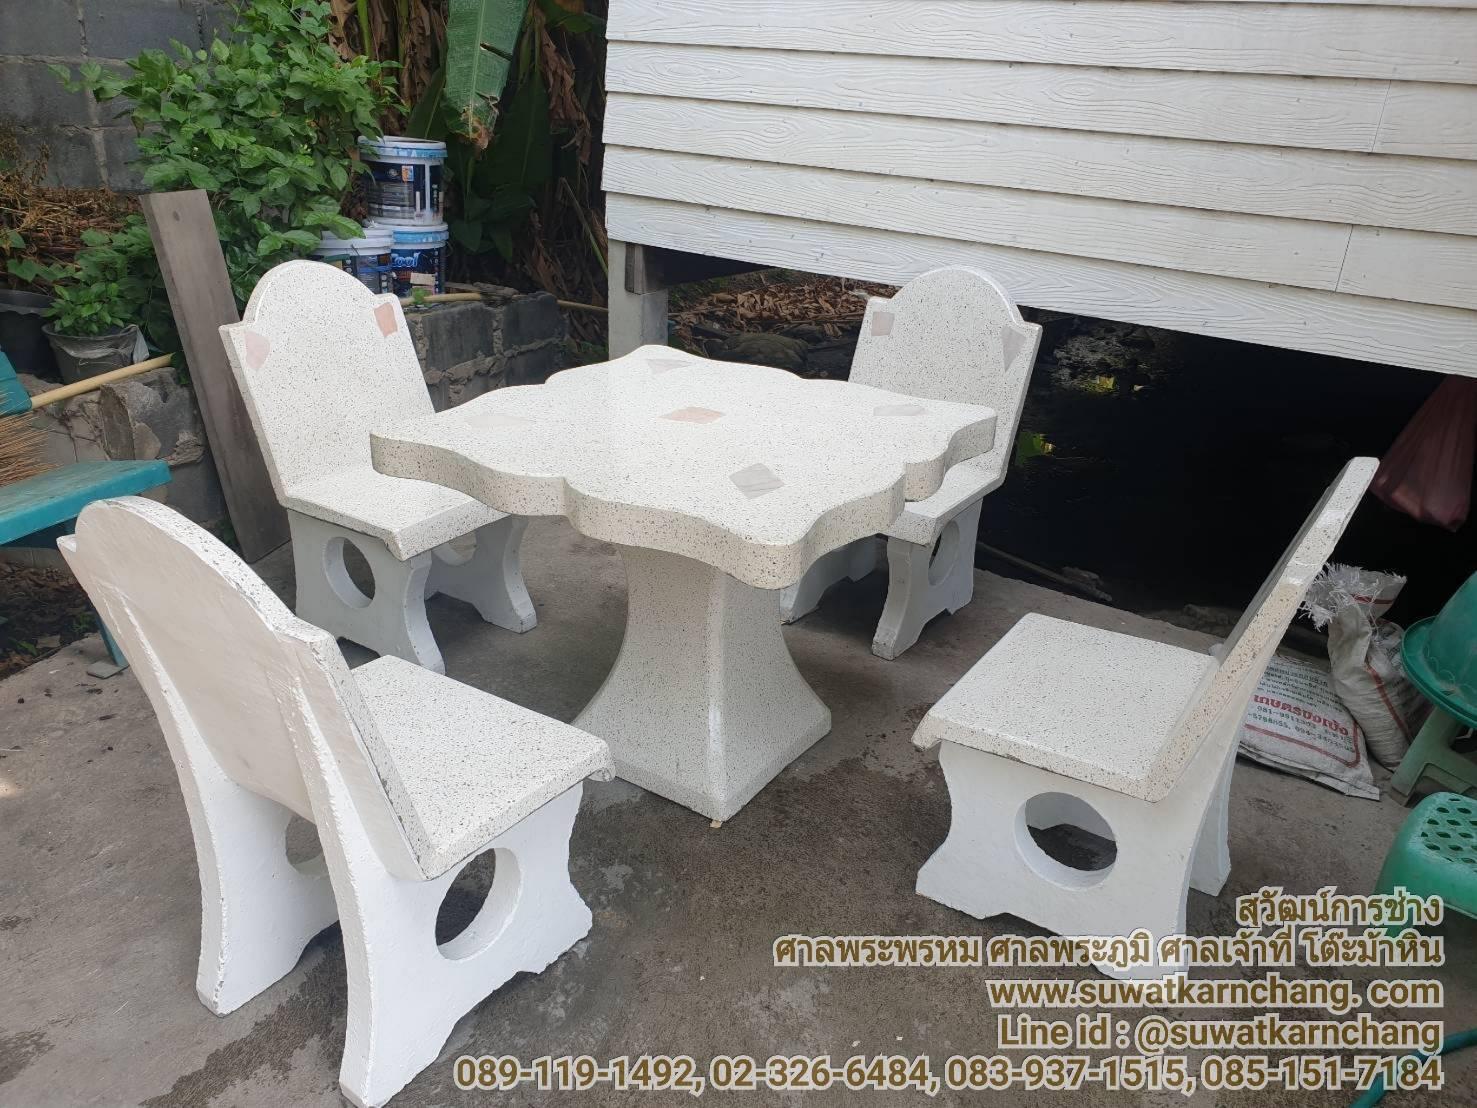 โต๊ะพิงเดี่ยวผีเสื้อหินขัดแซม หน้า 80*80 ซม. ตัวนั่ง 4 ตัว